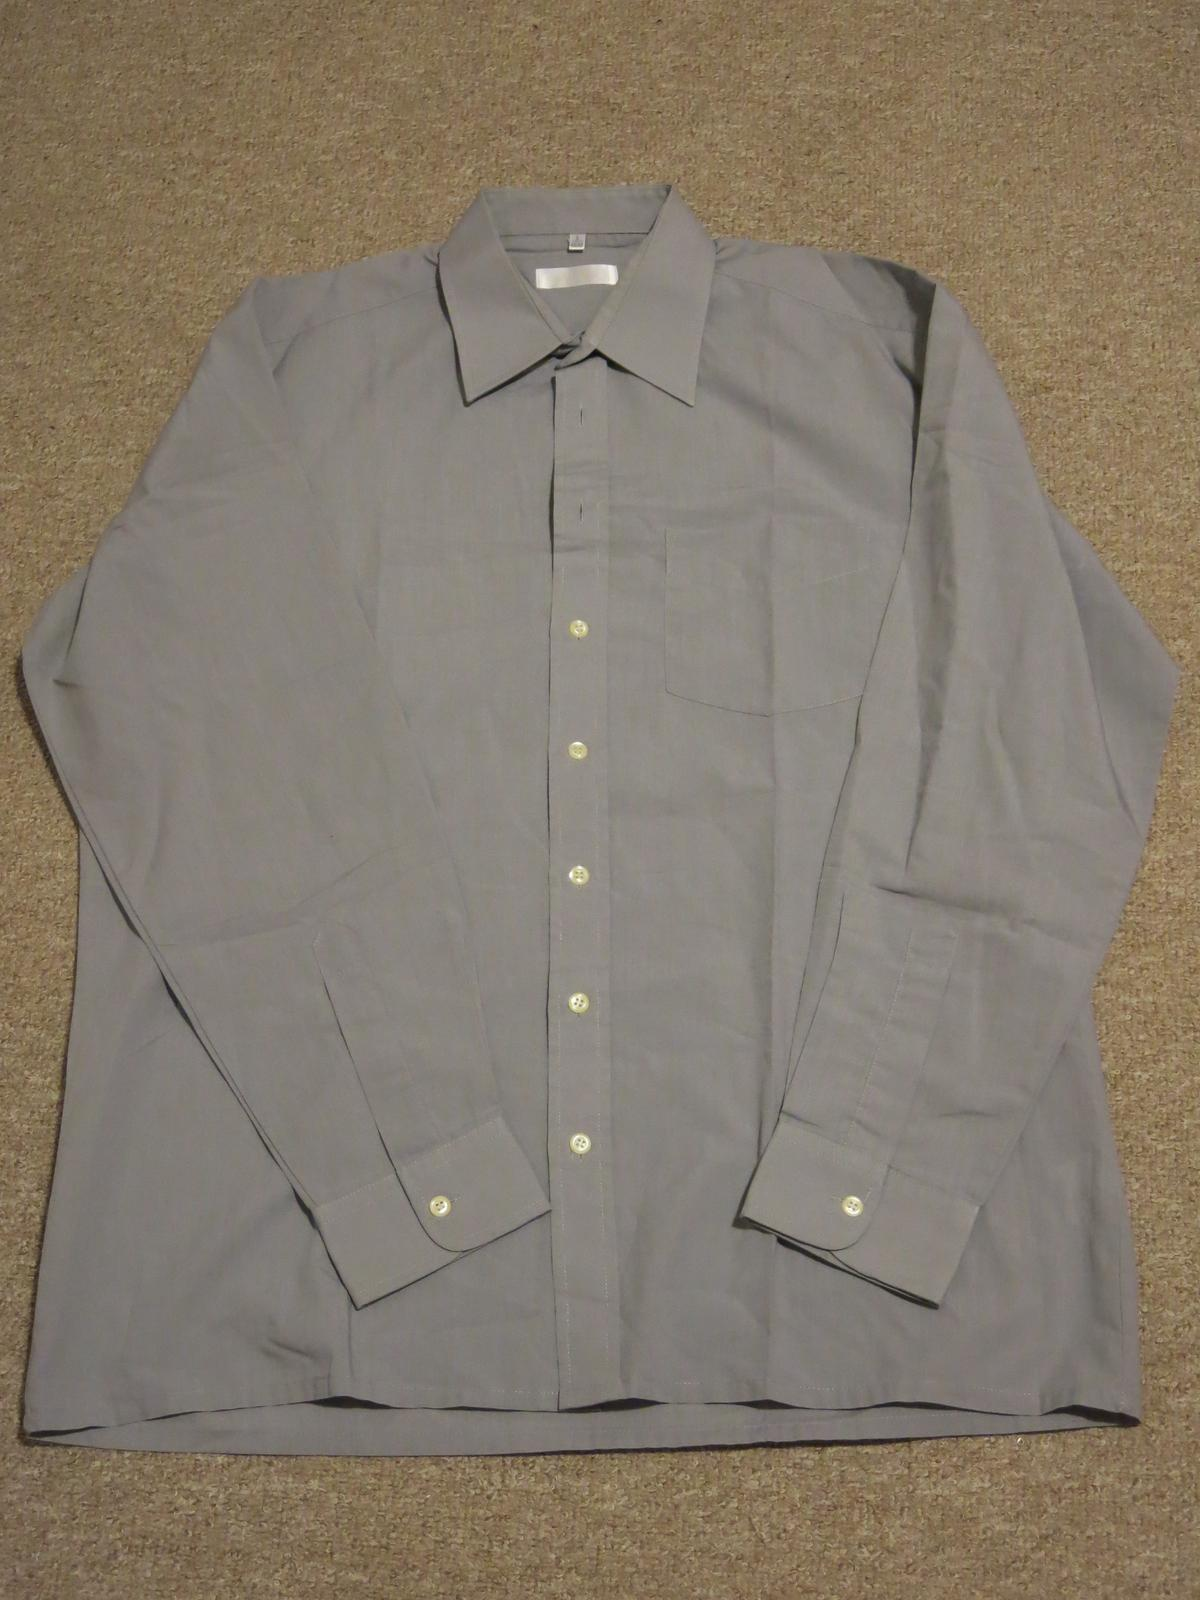 Pánksá košile C&A - Obrázek č. 1